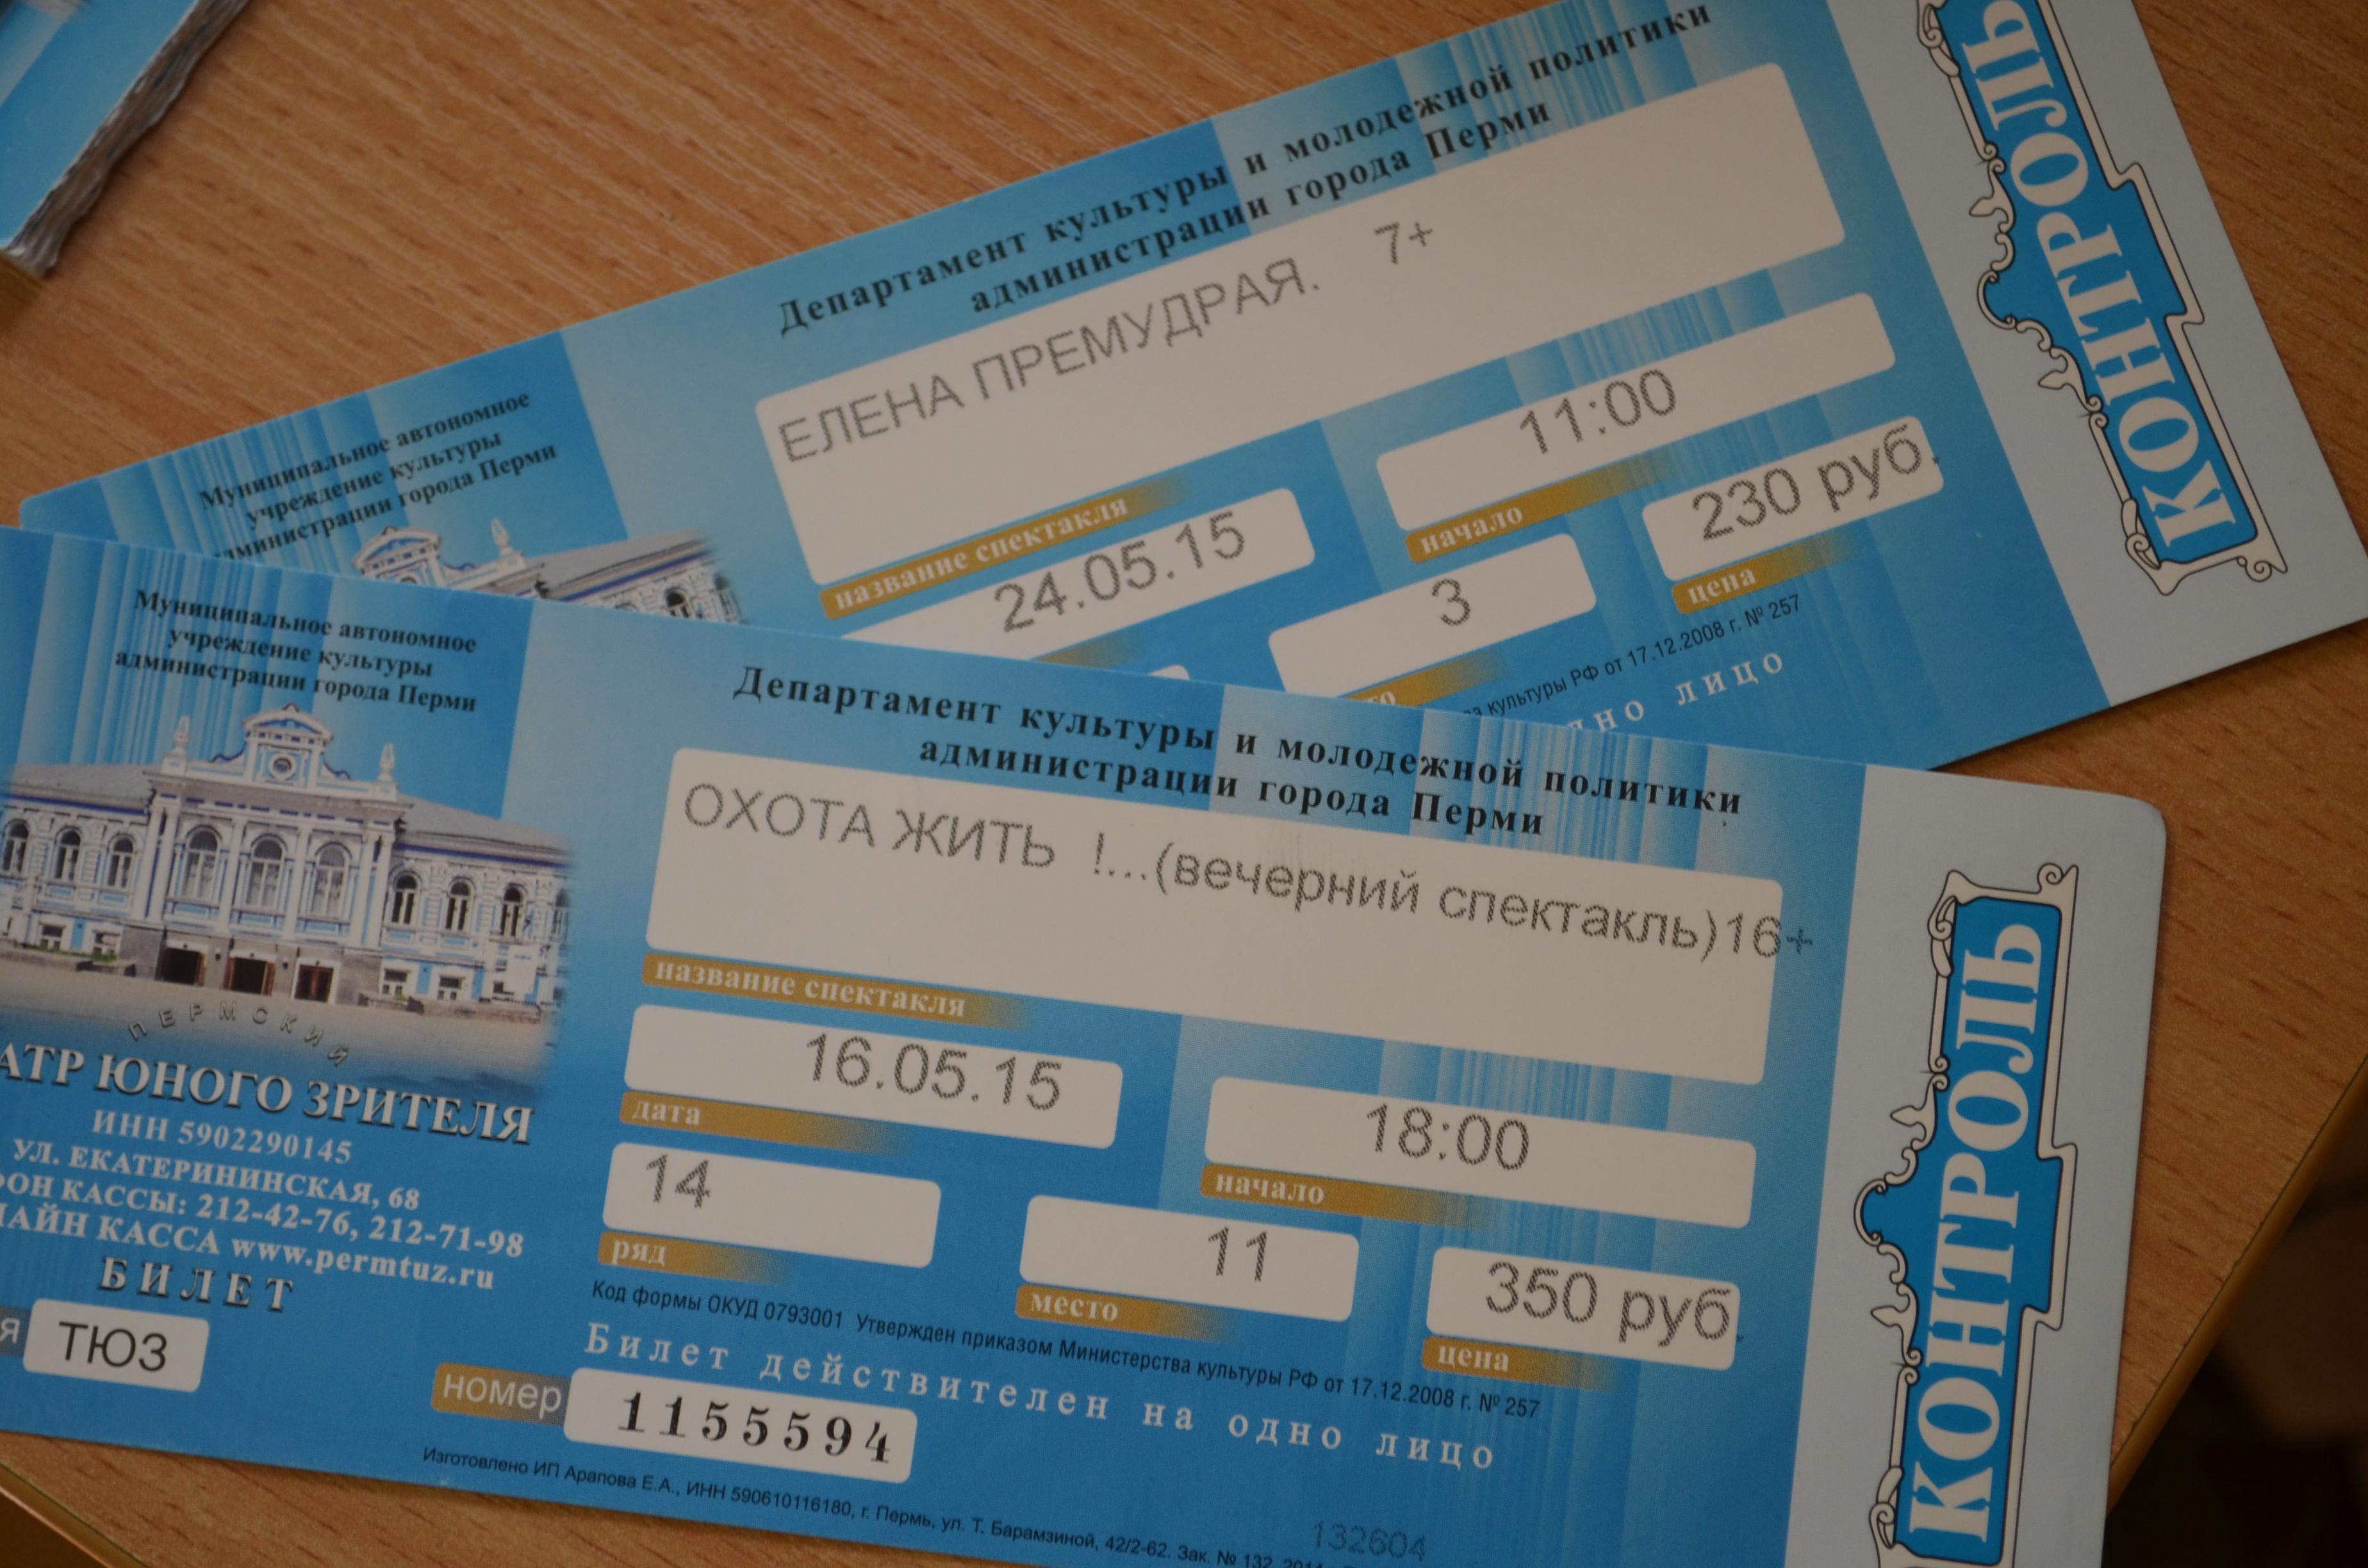 Билеты на спектакль Своими руками в Москве в Театральном 94